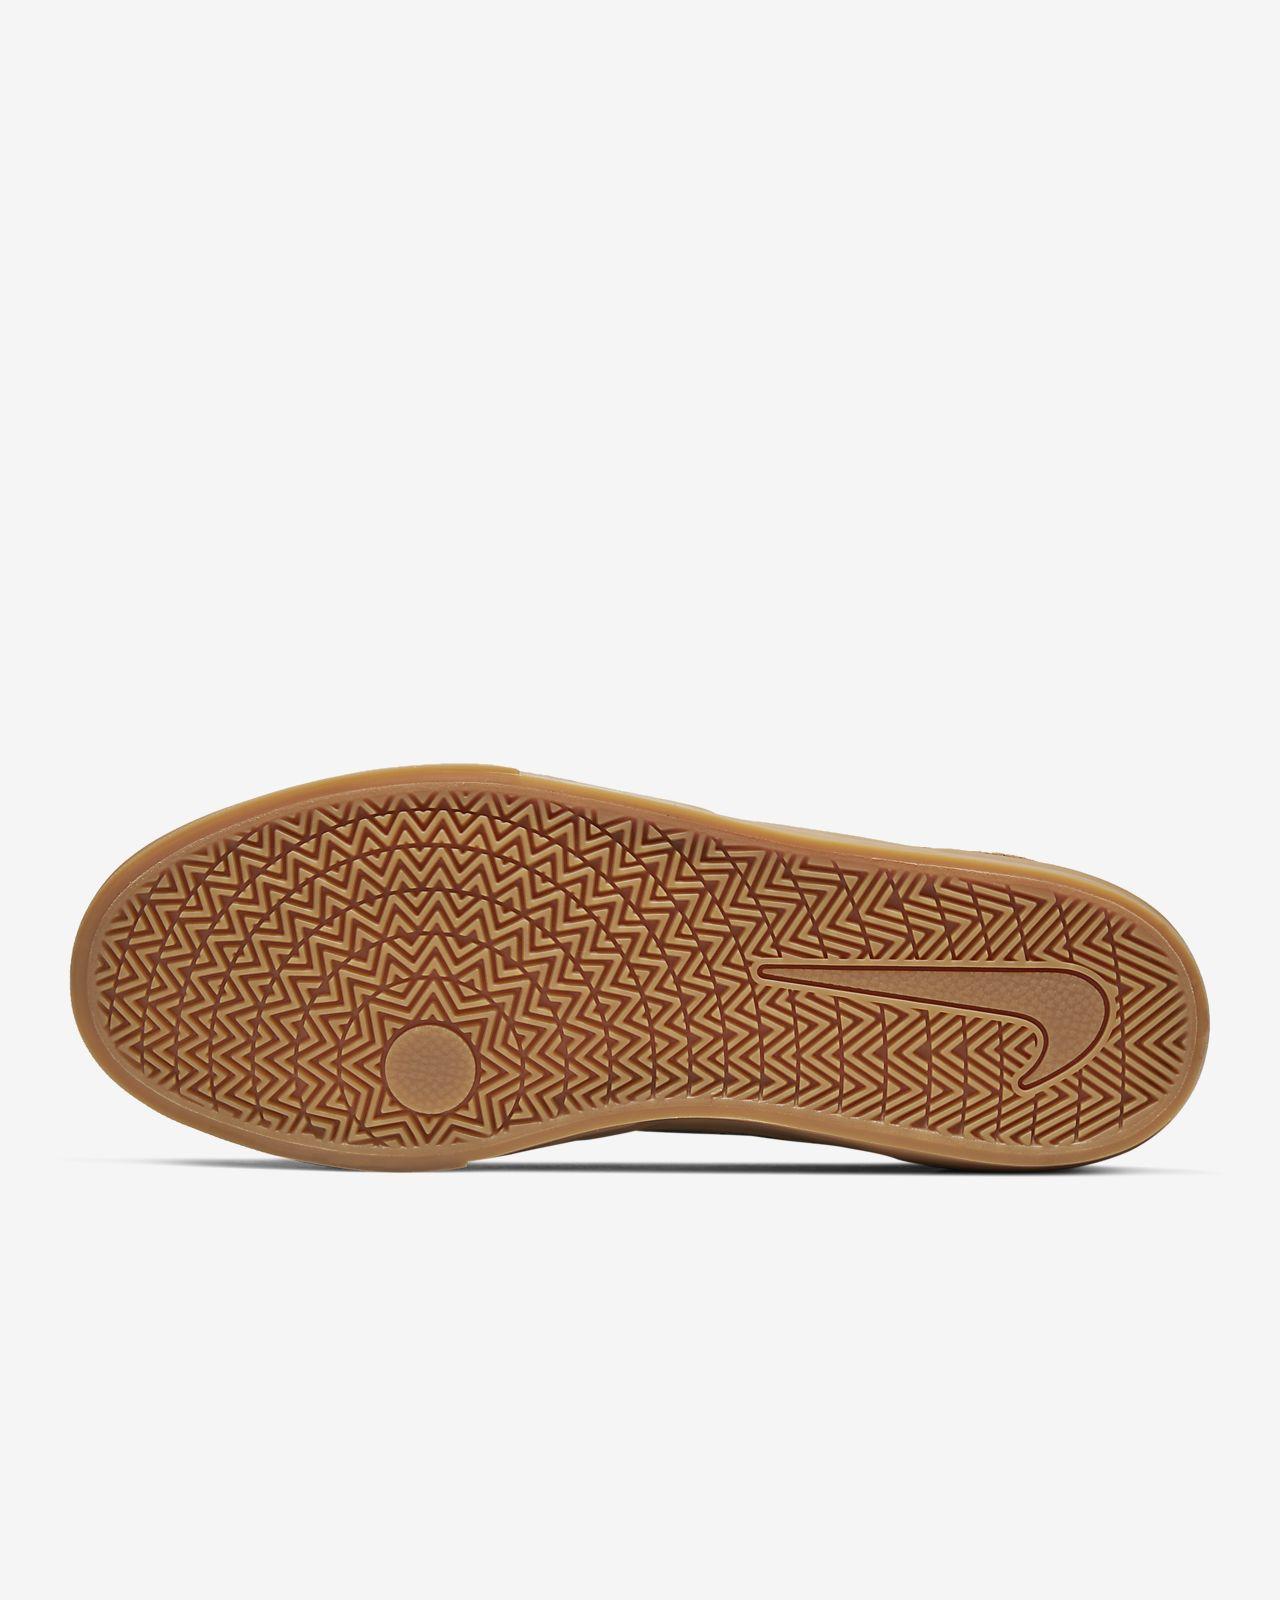 Nike Nike SB Zoom Stefan Janoski Slip On Canvas Men's Skateboarding Shoe Size 6 (Brown) from NIKE | Shop